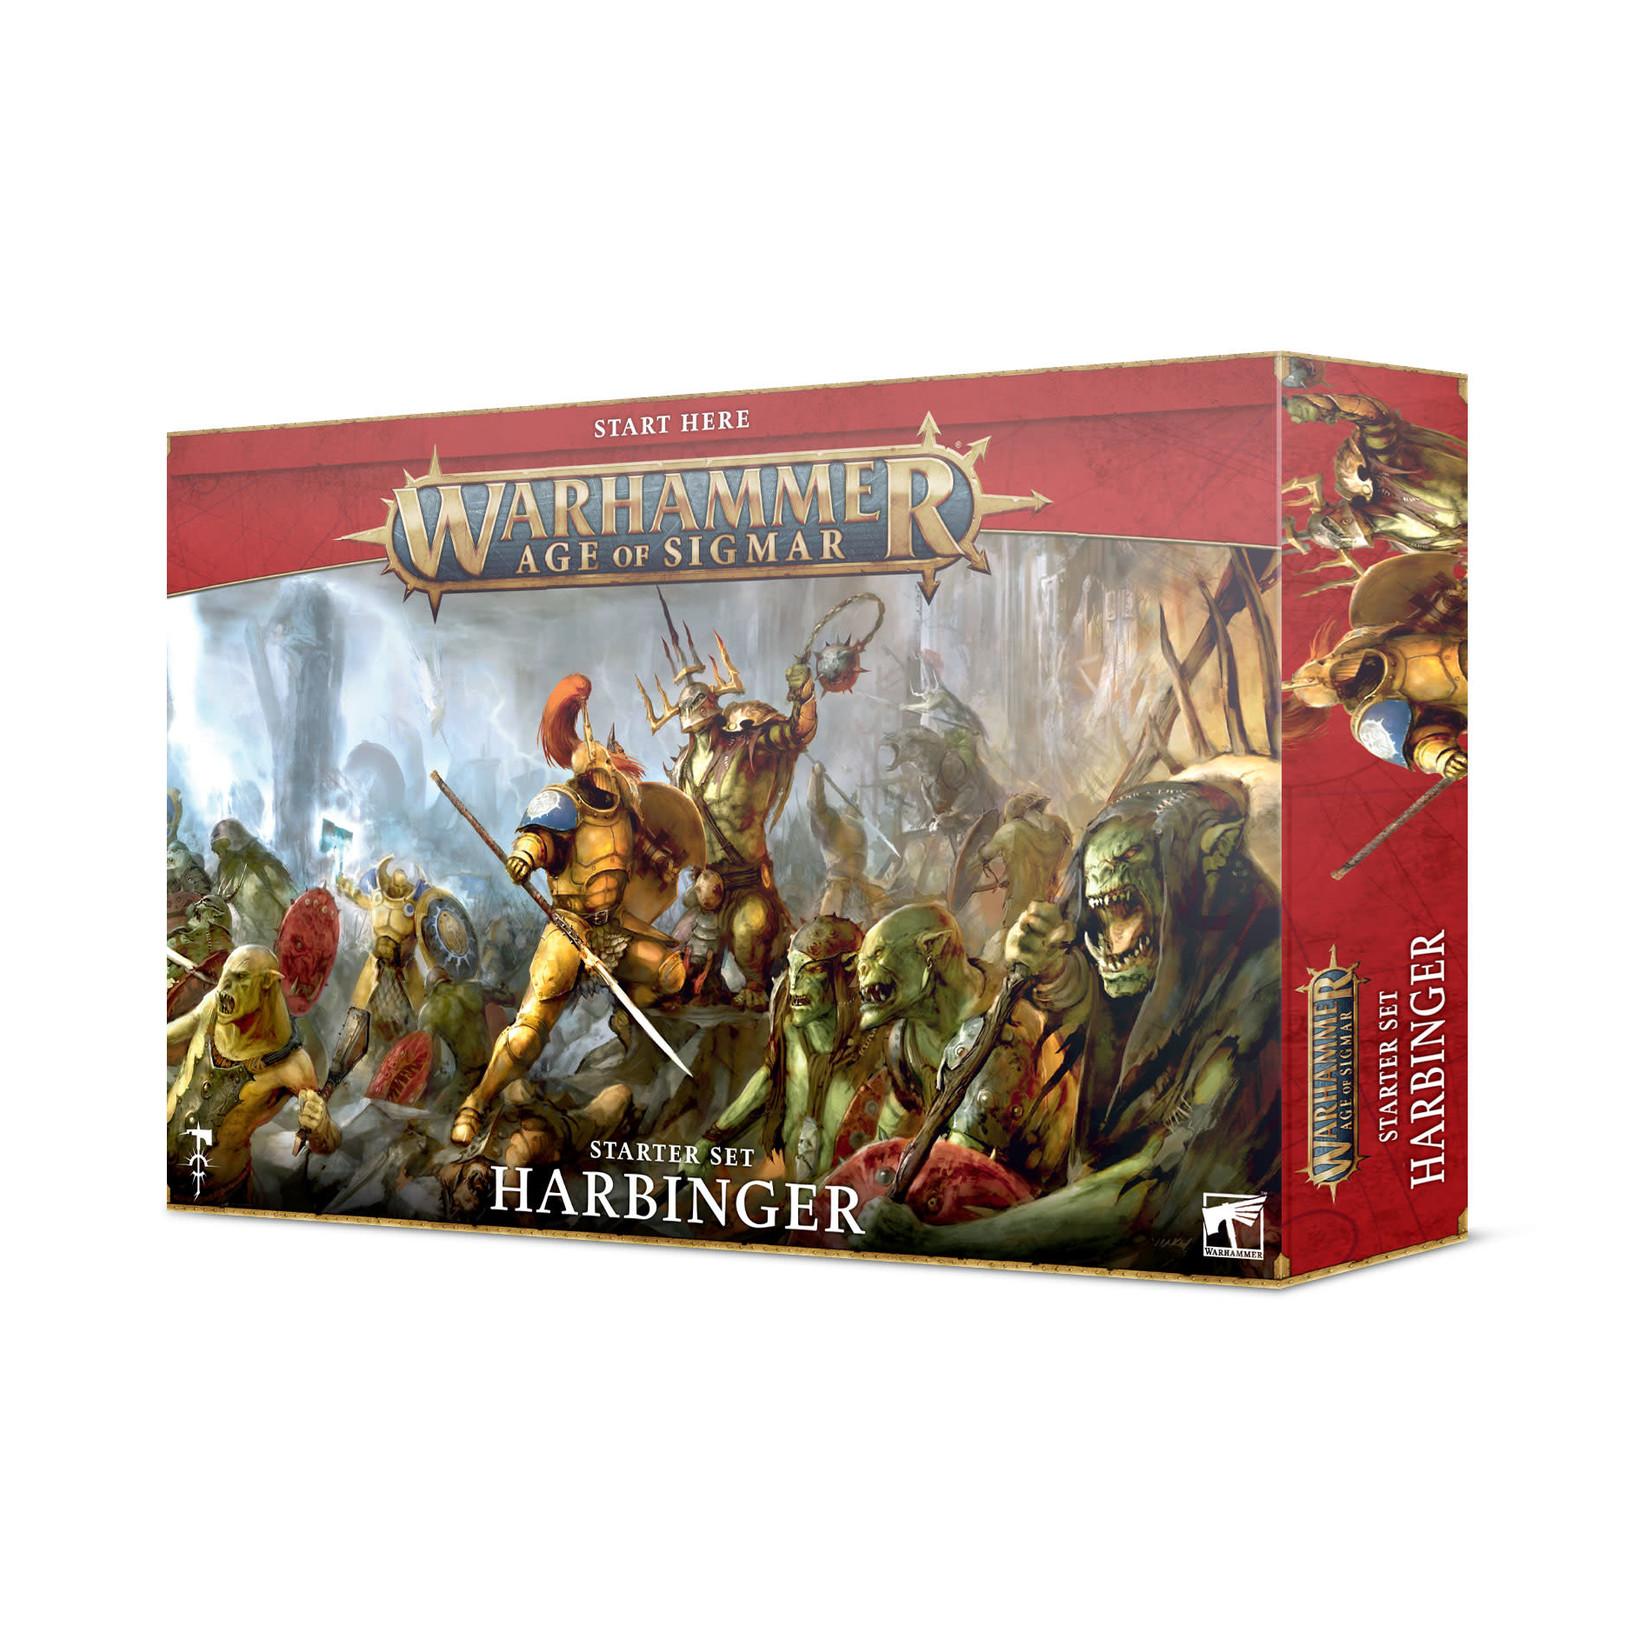 Games Workshop Warhammer Age of Sigmar: Harbinger Starter Set